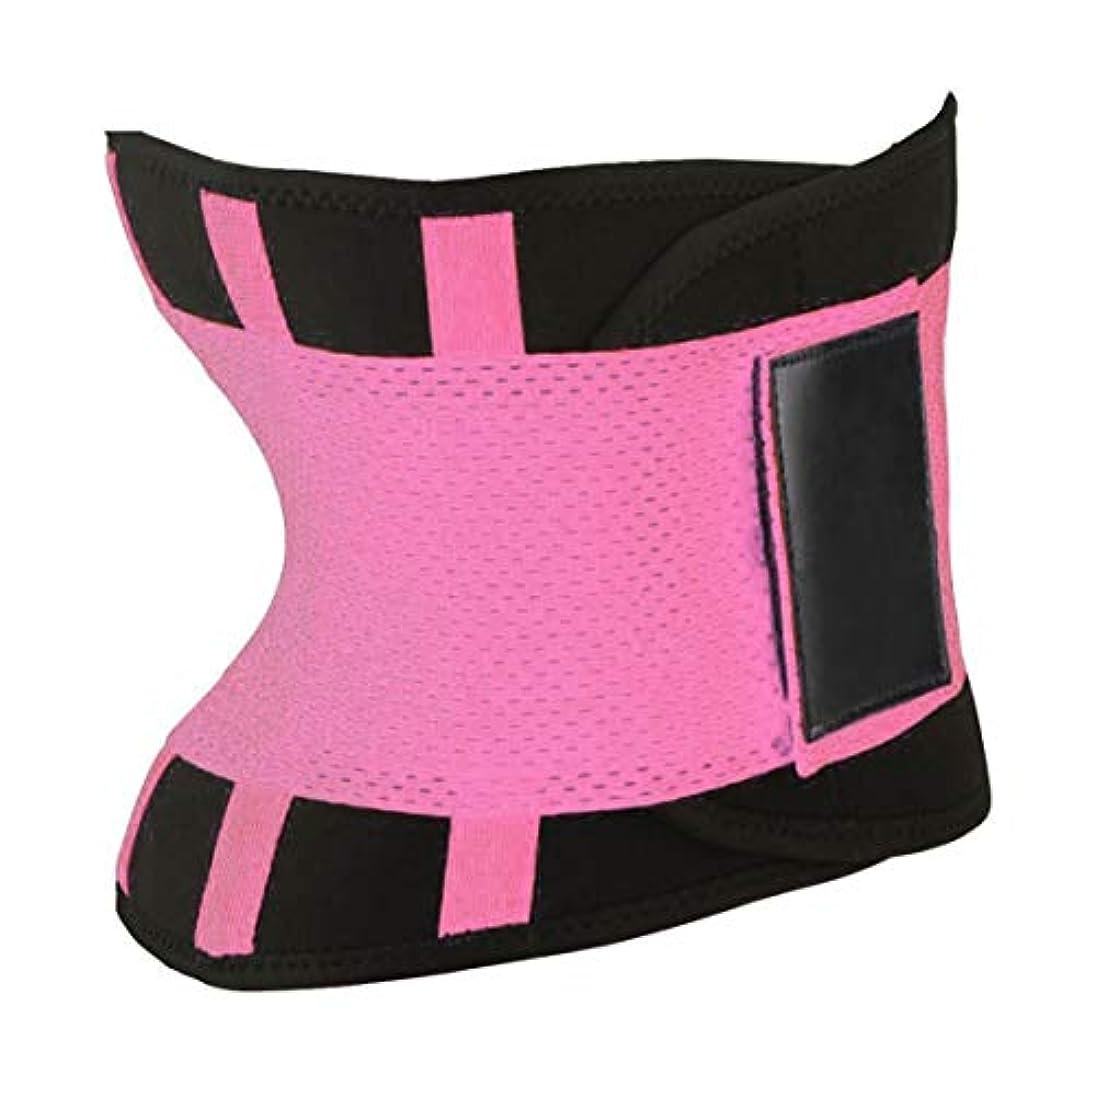 将来のアナリストミネラル快適な女性ボディシェイパー痩身シェイパーベルトスポーツ女性ウエストトレーナーニッパー制御バーニングボディおなかベルト - ピンク2xl